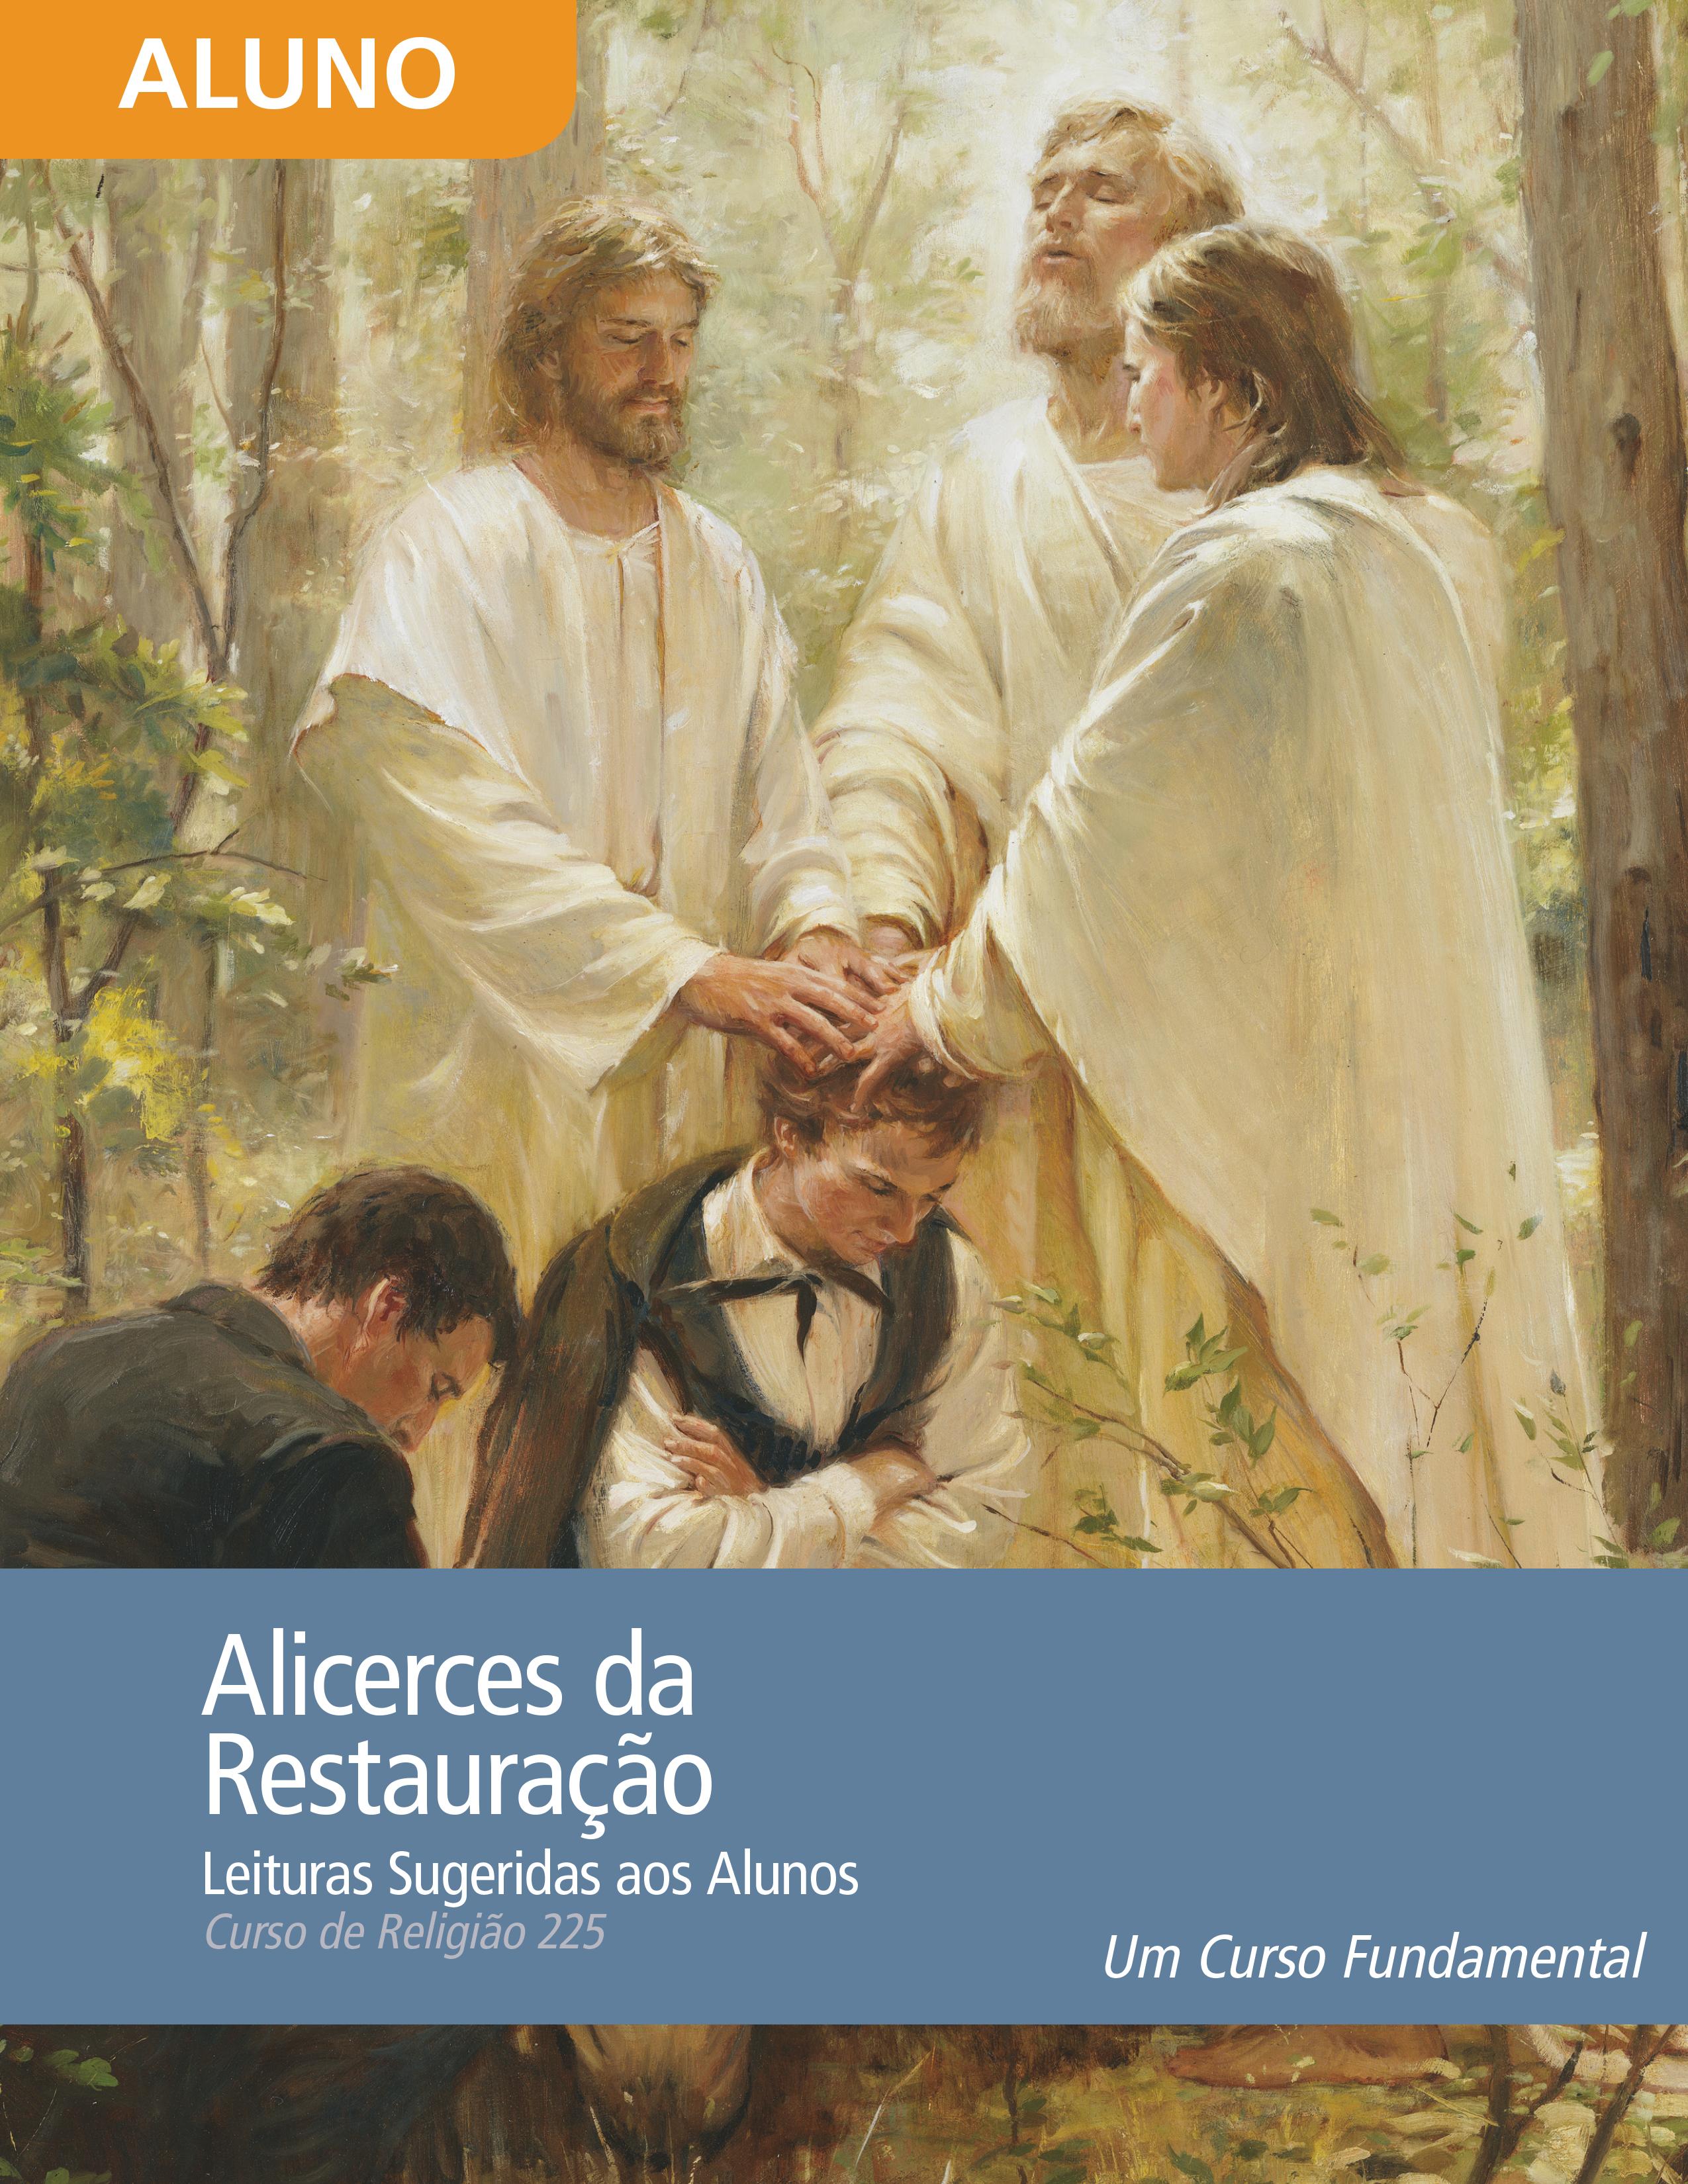 Alicerces da Restauração: Leituras para os Alunos (Rel 225)